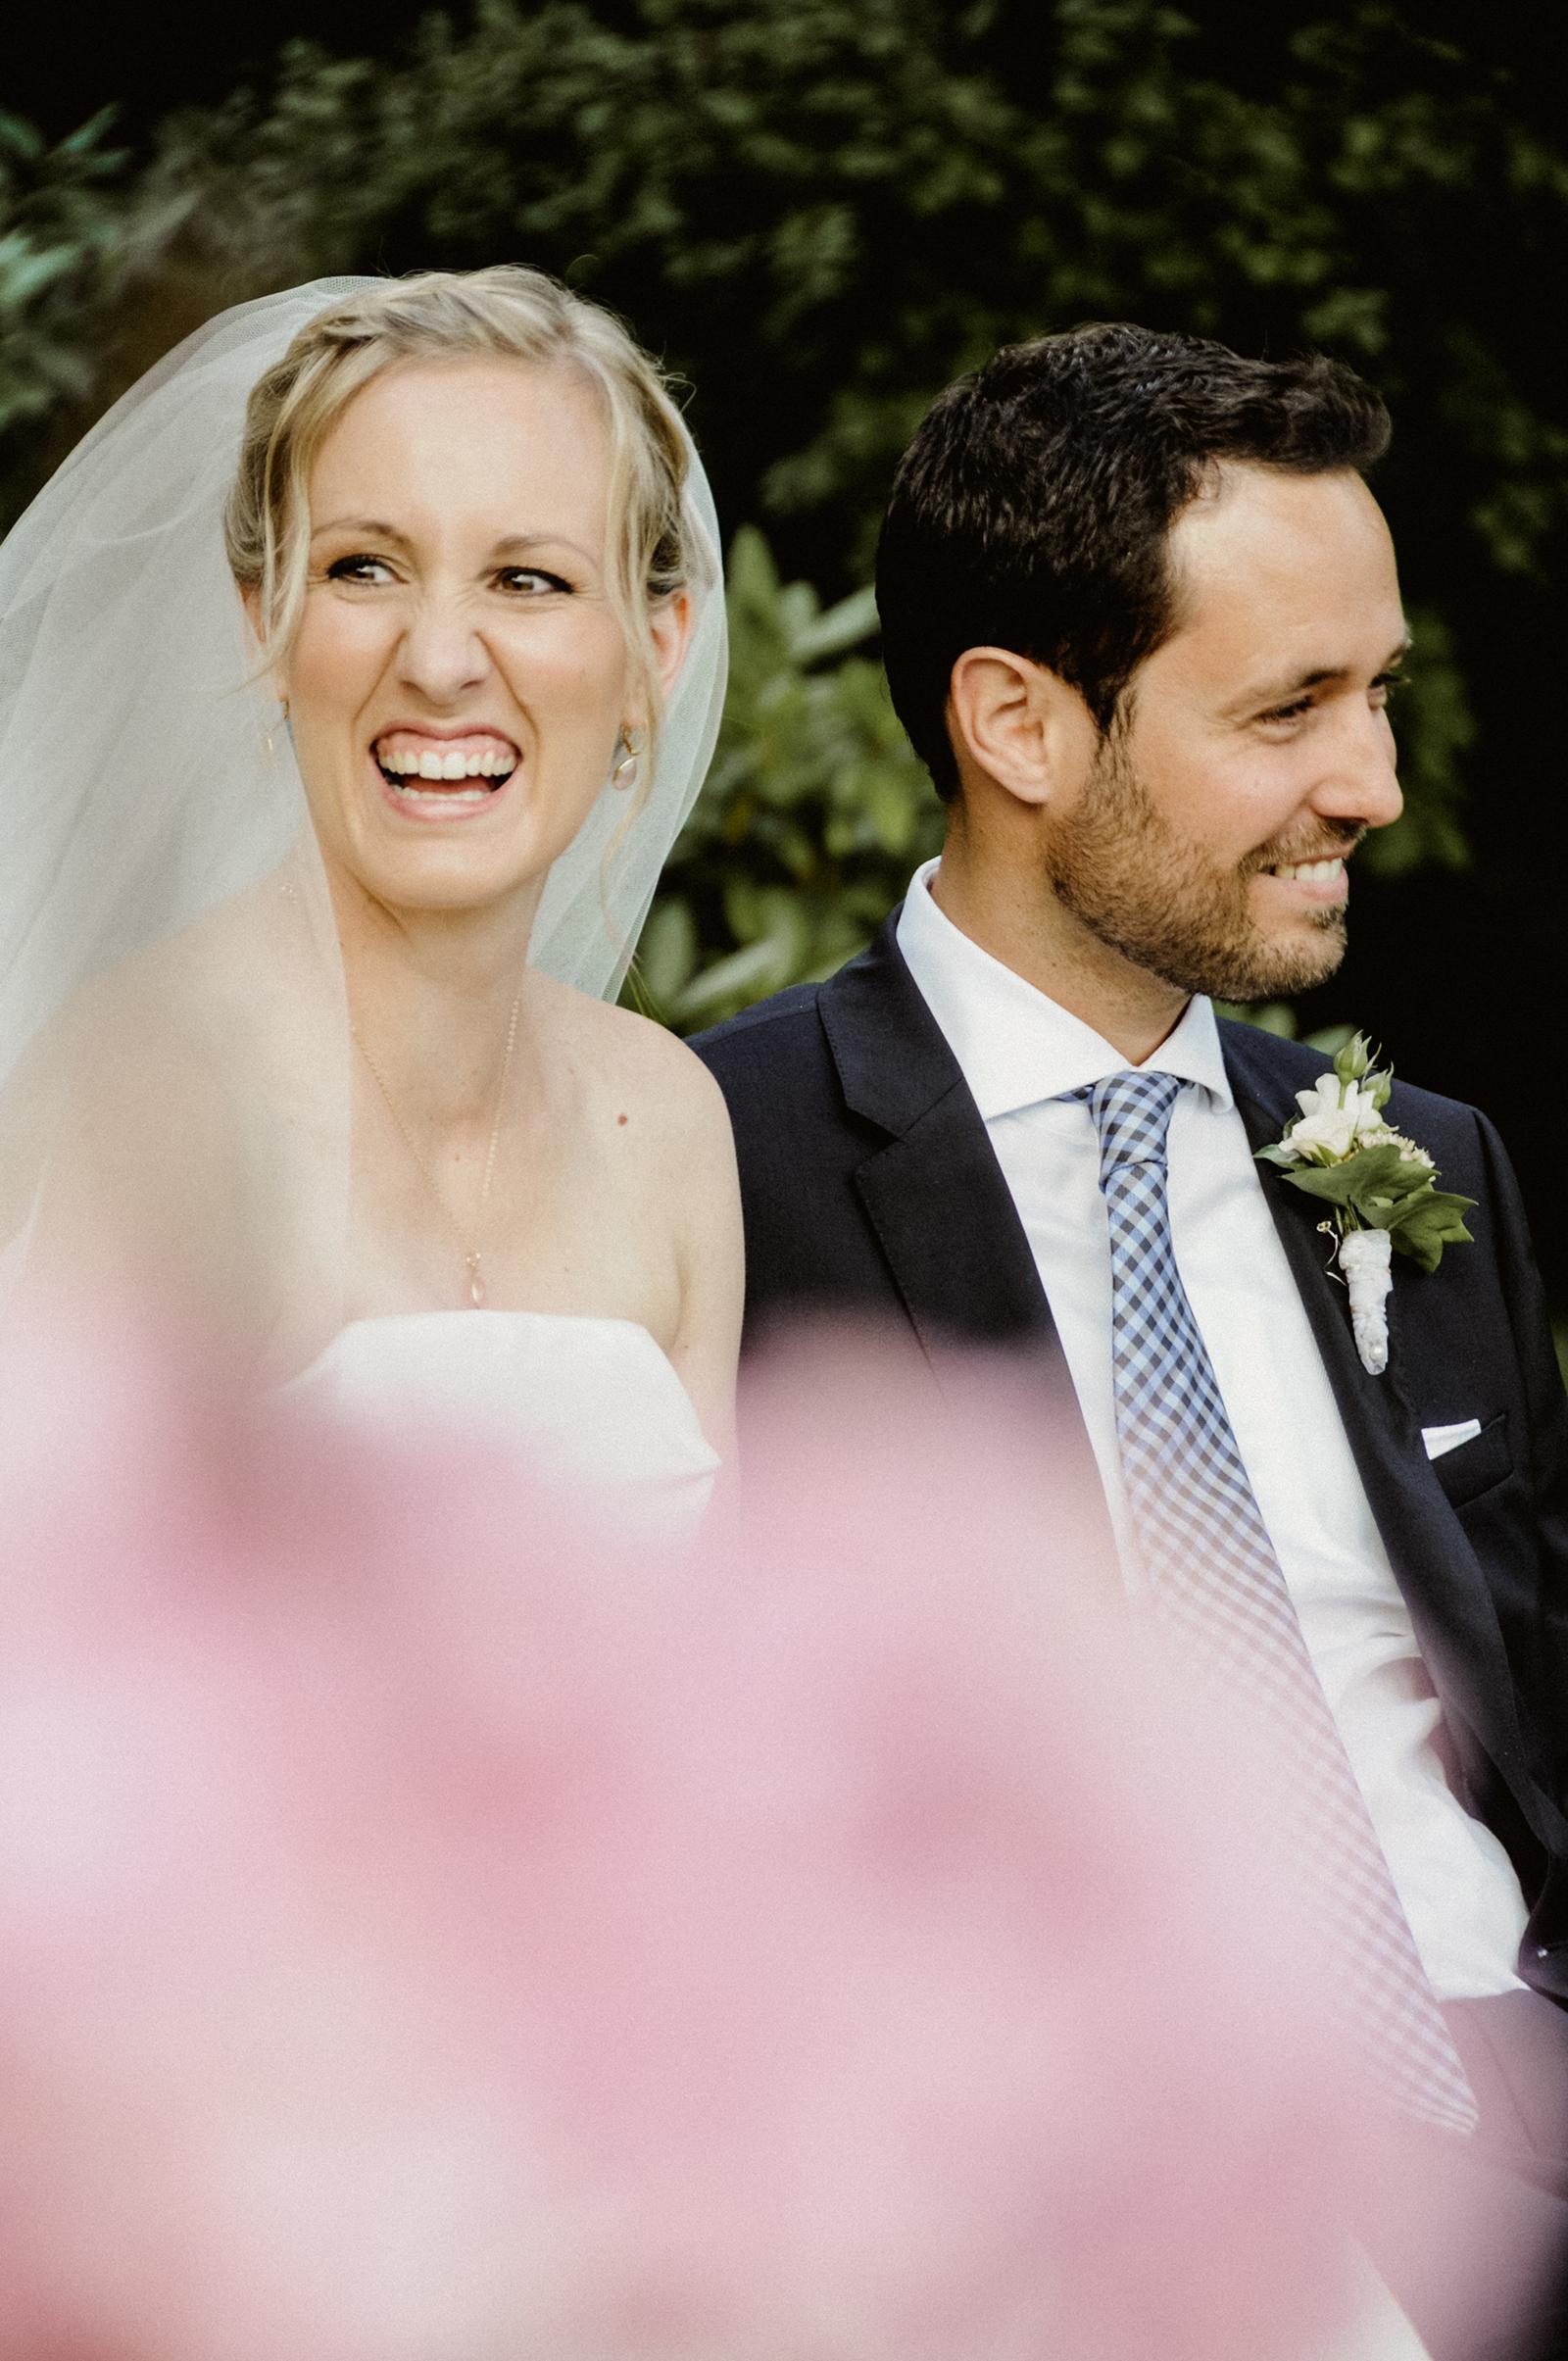 Authentische und ungestellte Momente am Hochzeitsabend